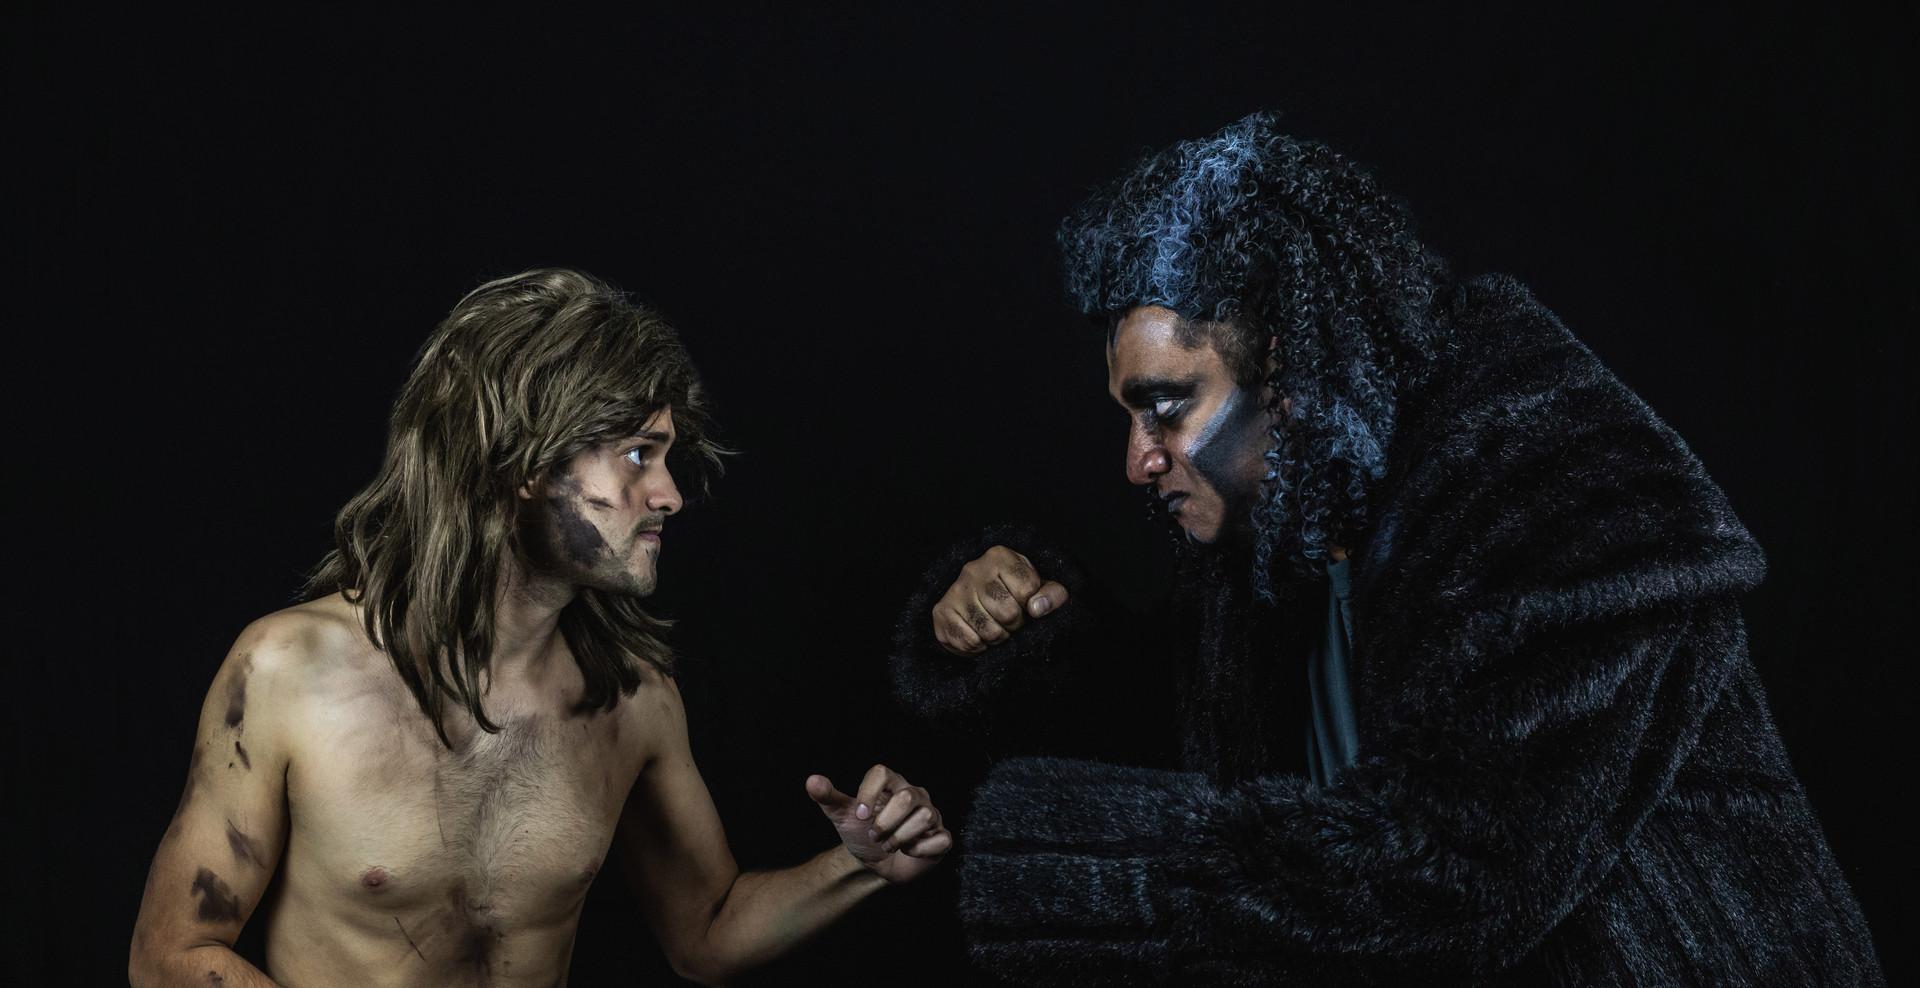 Tarzan and Kerchak